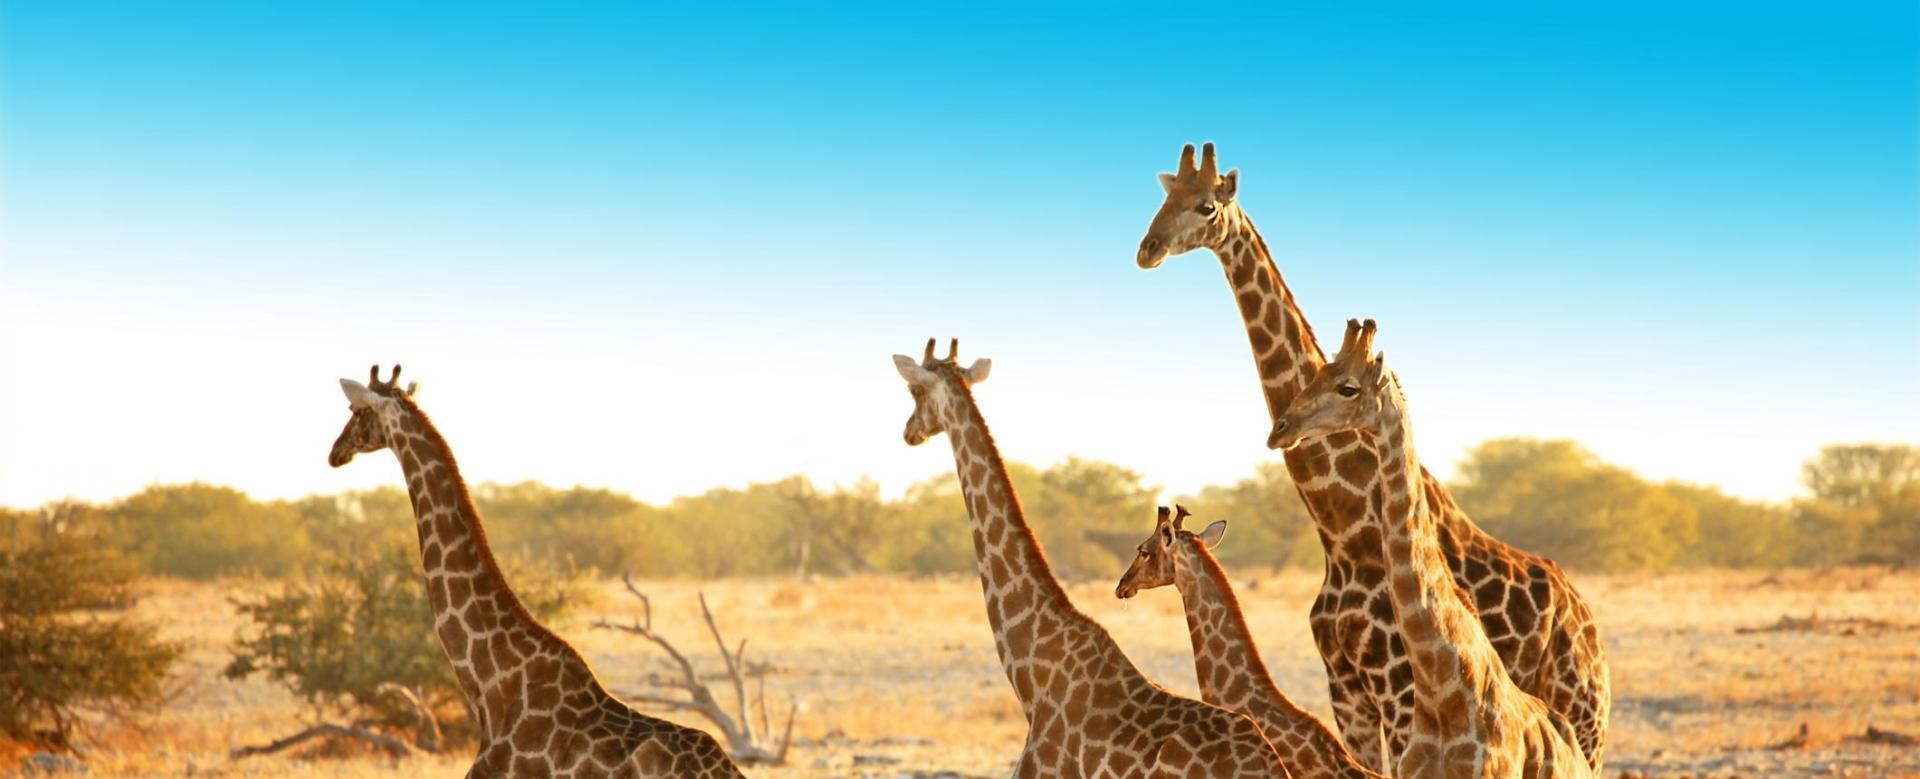 Voyage à pied : Safaris et l\'gendes de namibie (en lodge)